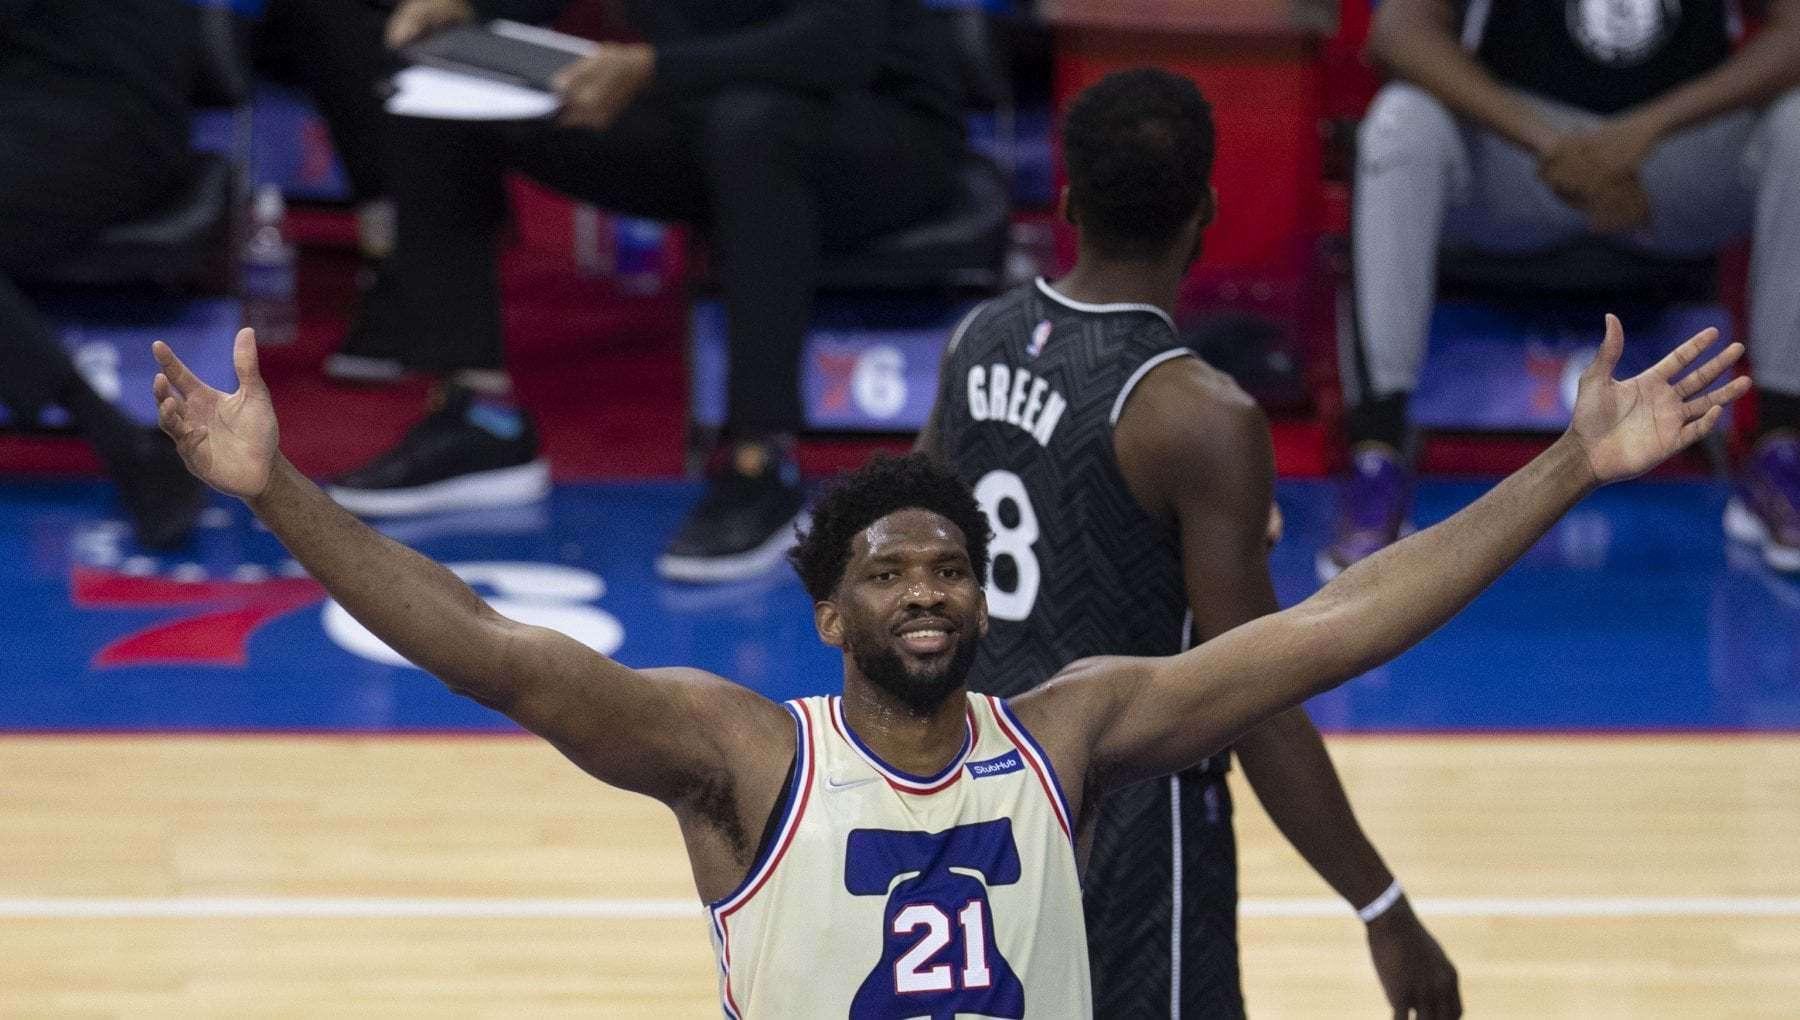 BasketballNcaa - Brooklyn